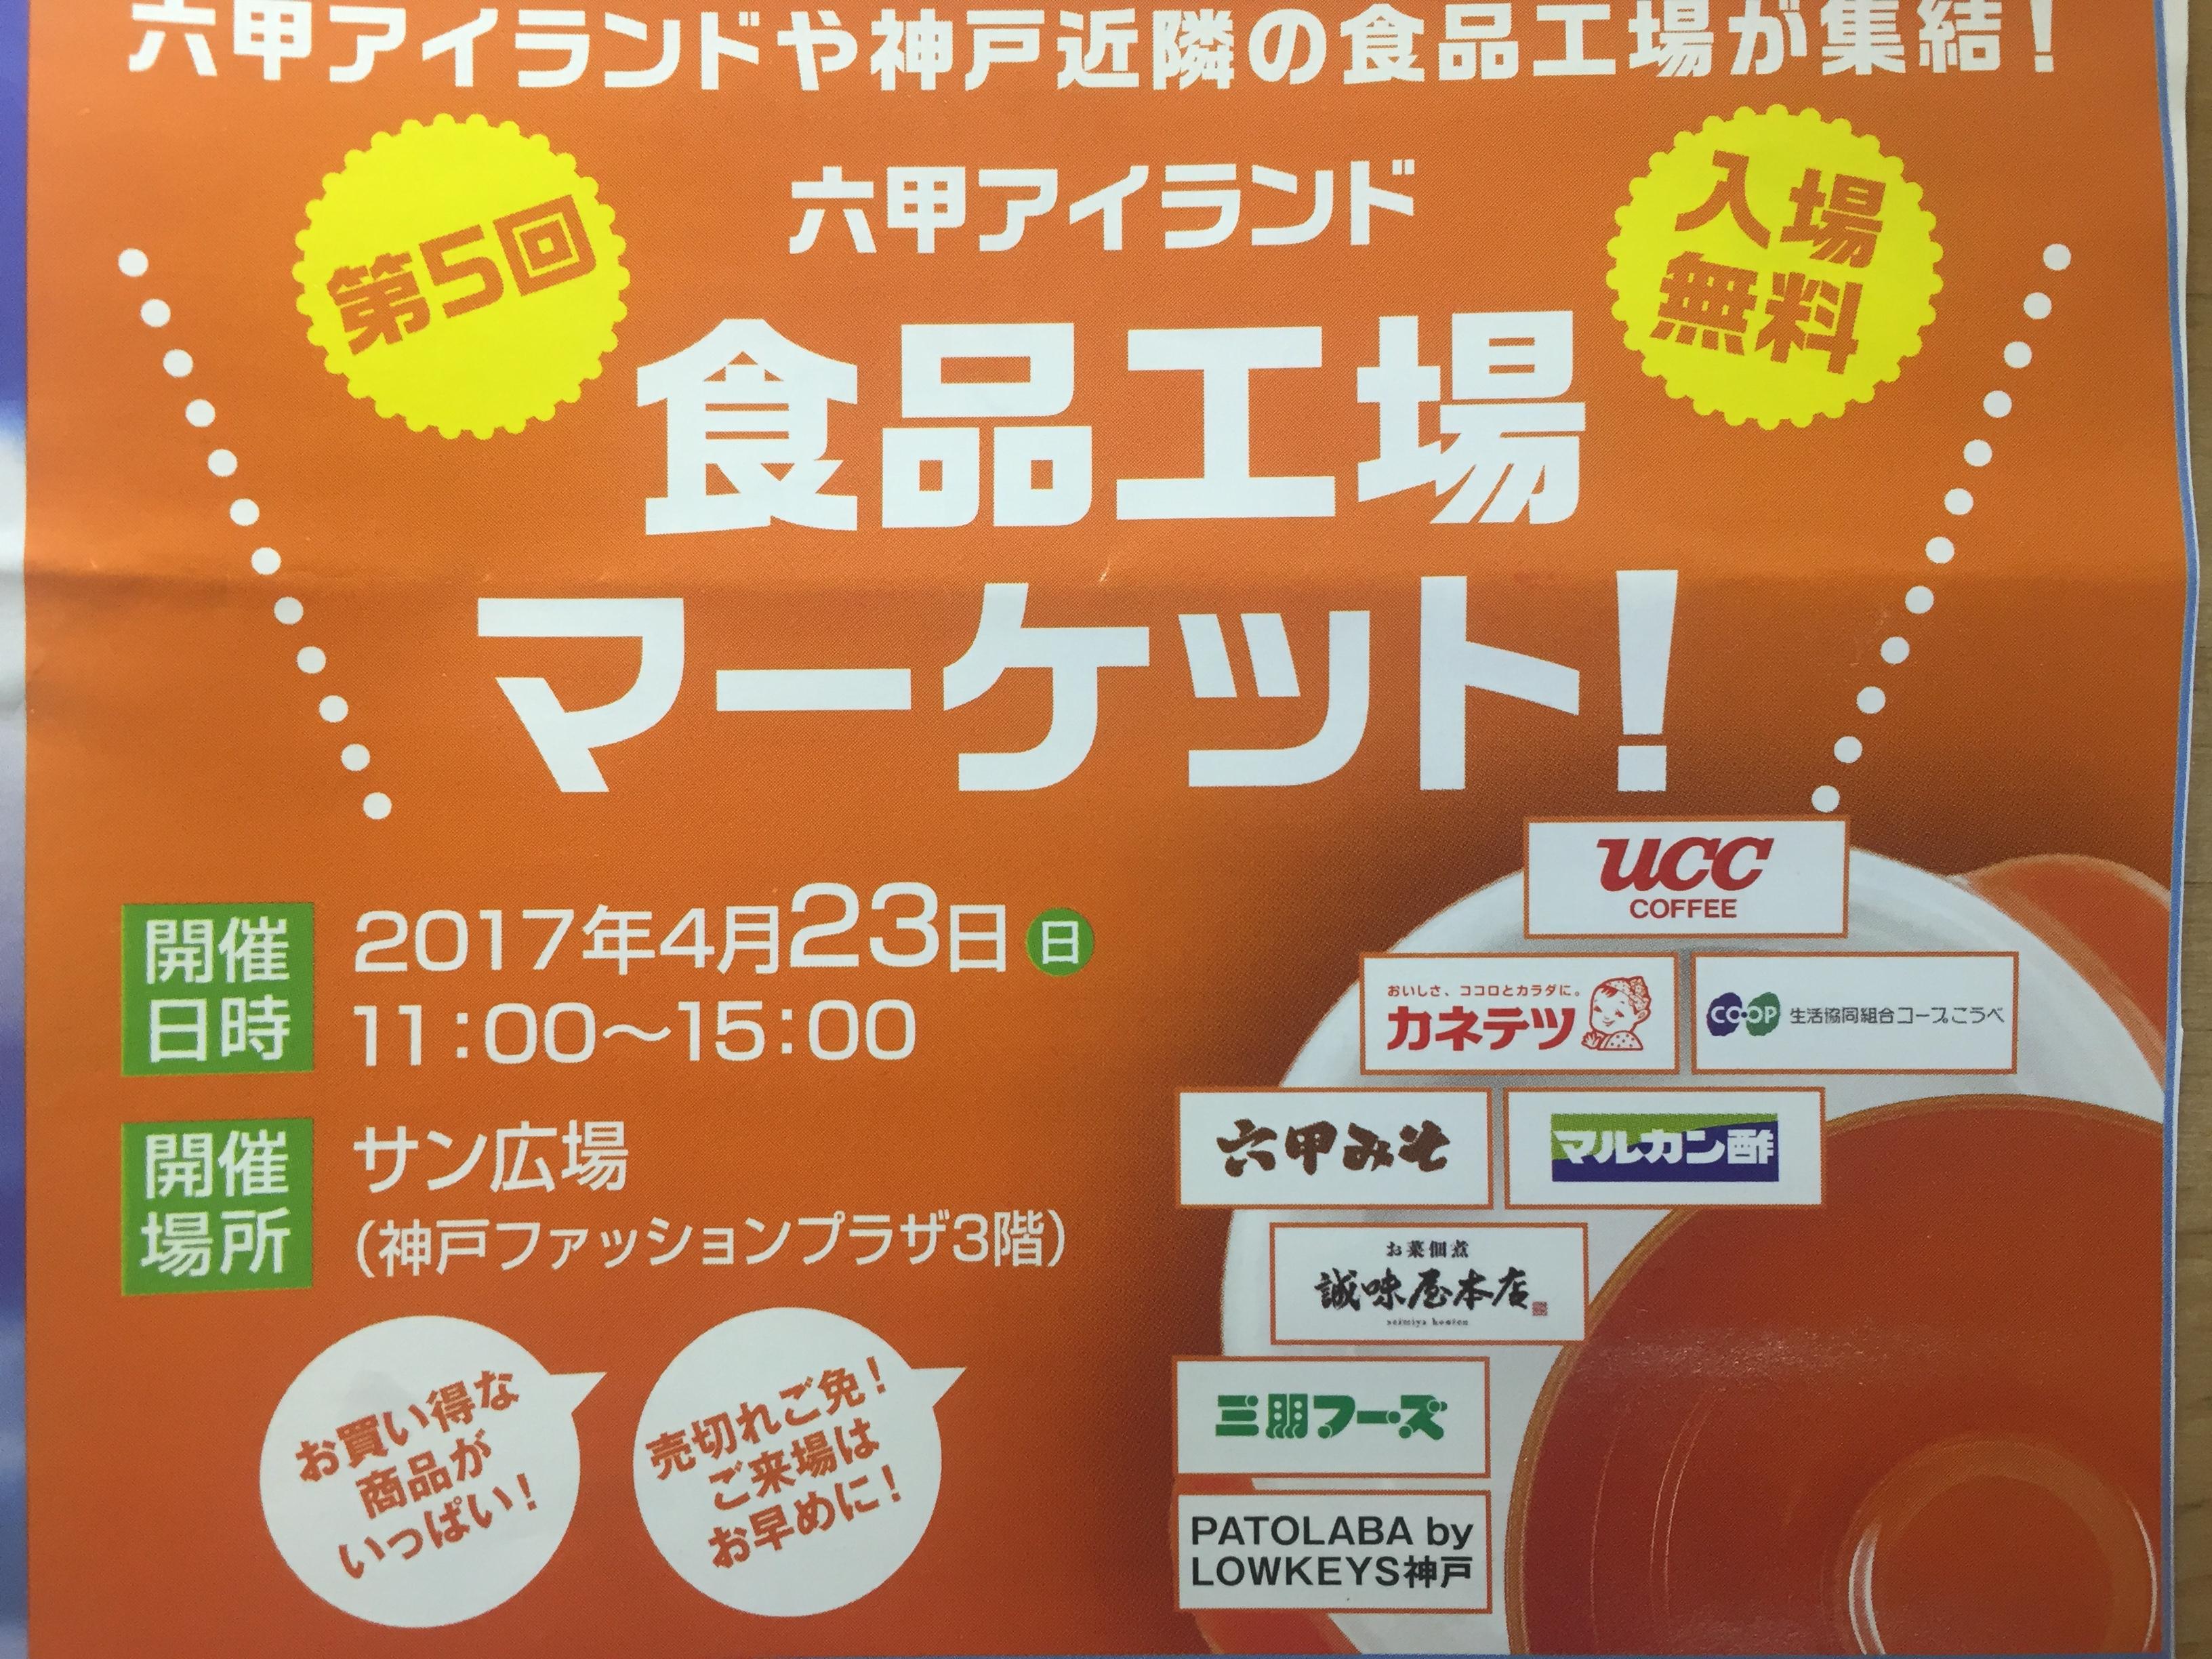 六甲アイランド食品工場マーケット!が4/23に開催されるよ【イベント告知】